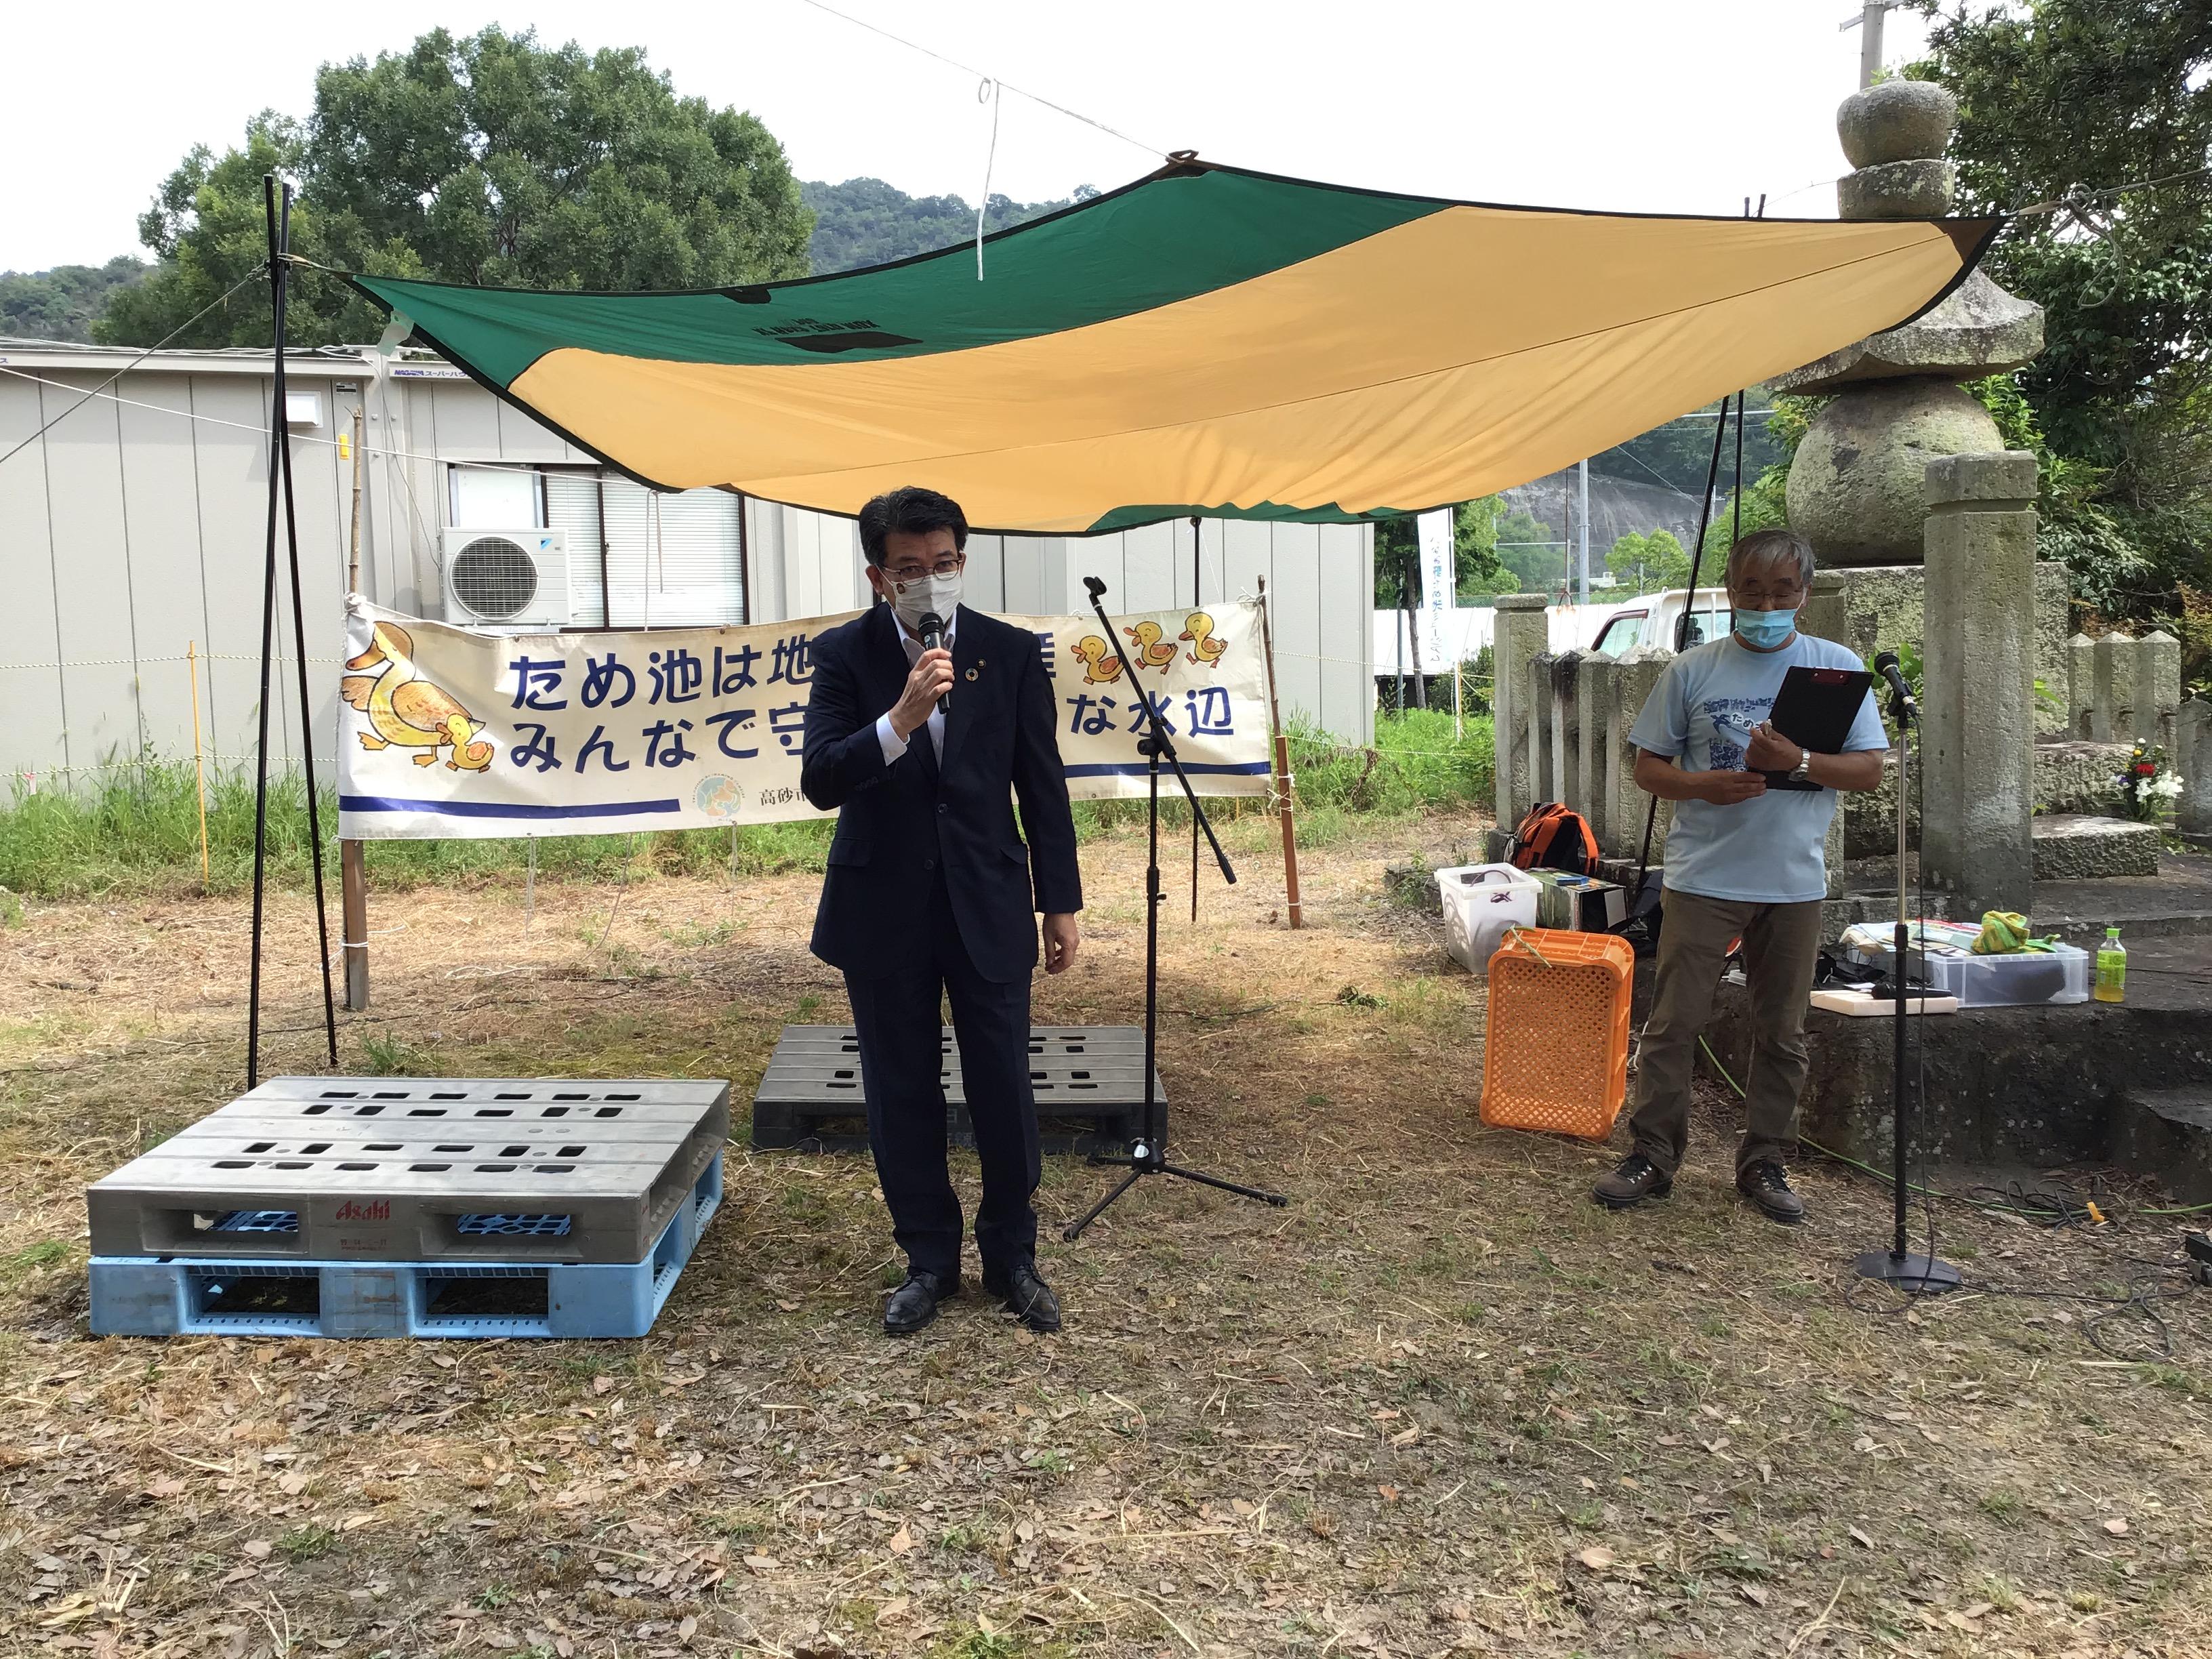 来賓挨拶される都倉高砂市長。大日池の昔の呼称が泪池(なみだいけ)だったことなど話されていました。事前準備万全です。西から東に向かうのに姫路城が見える最後の場所で泣き別れの場だそうです。